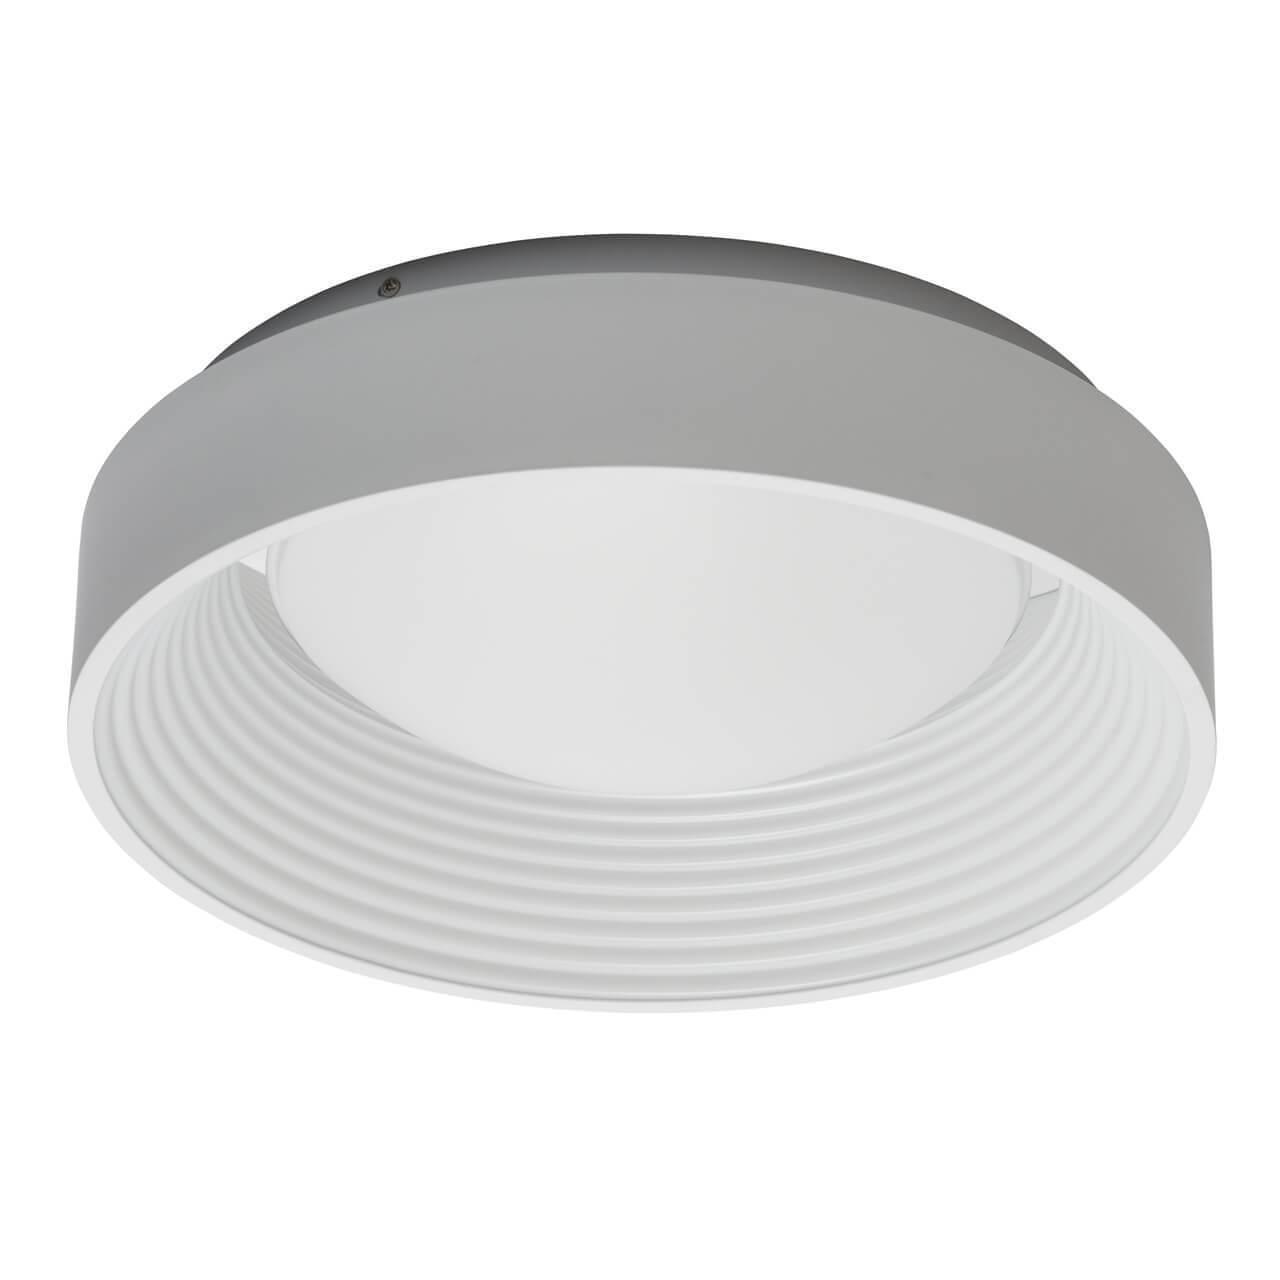 Потолочный светильник De Markt 674016601, LED, 40 Вт потолочный светодиодный светильник de markt ривз 674012101